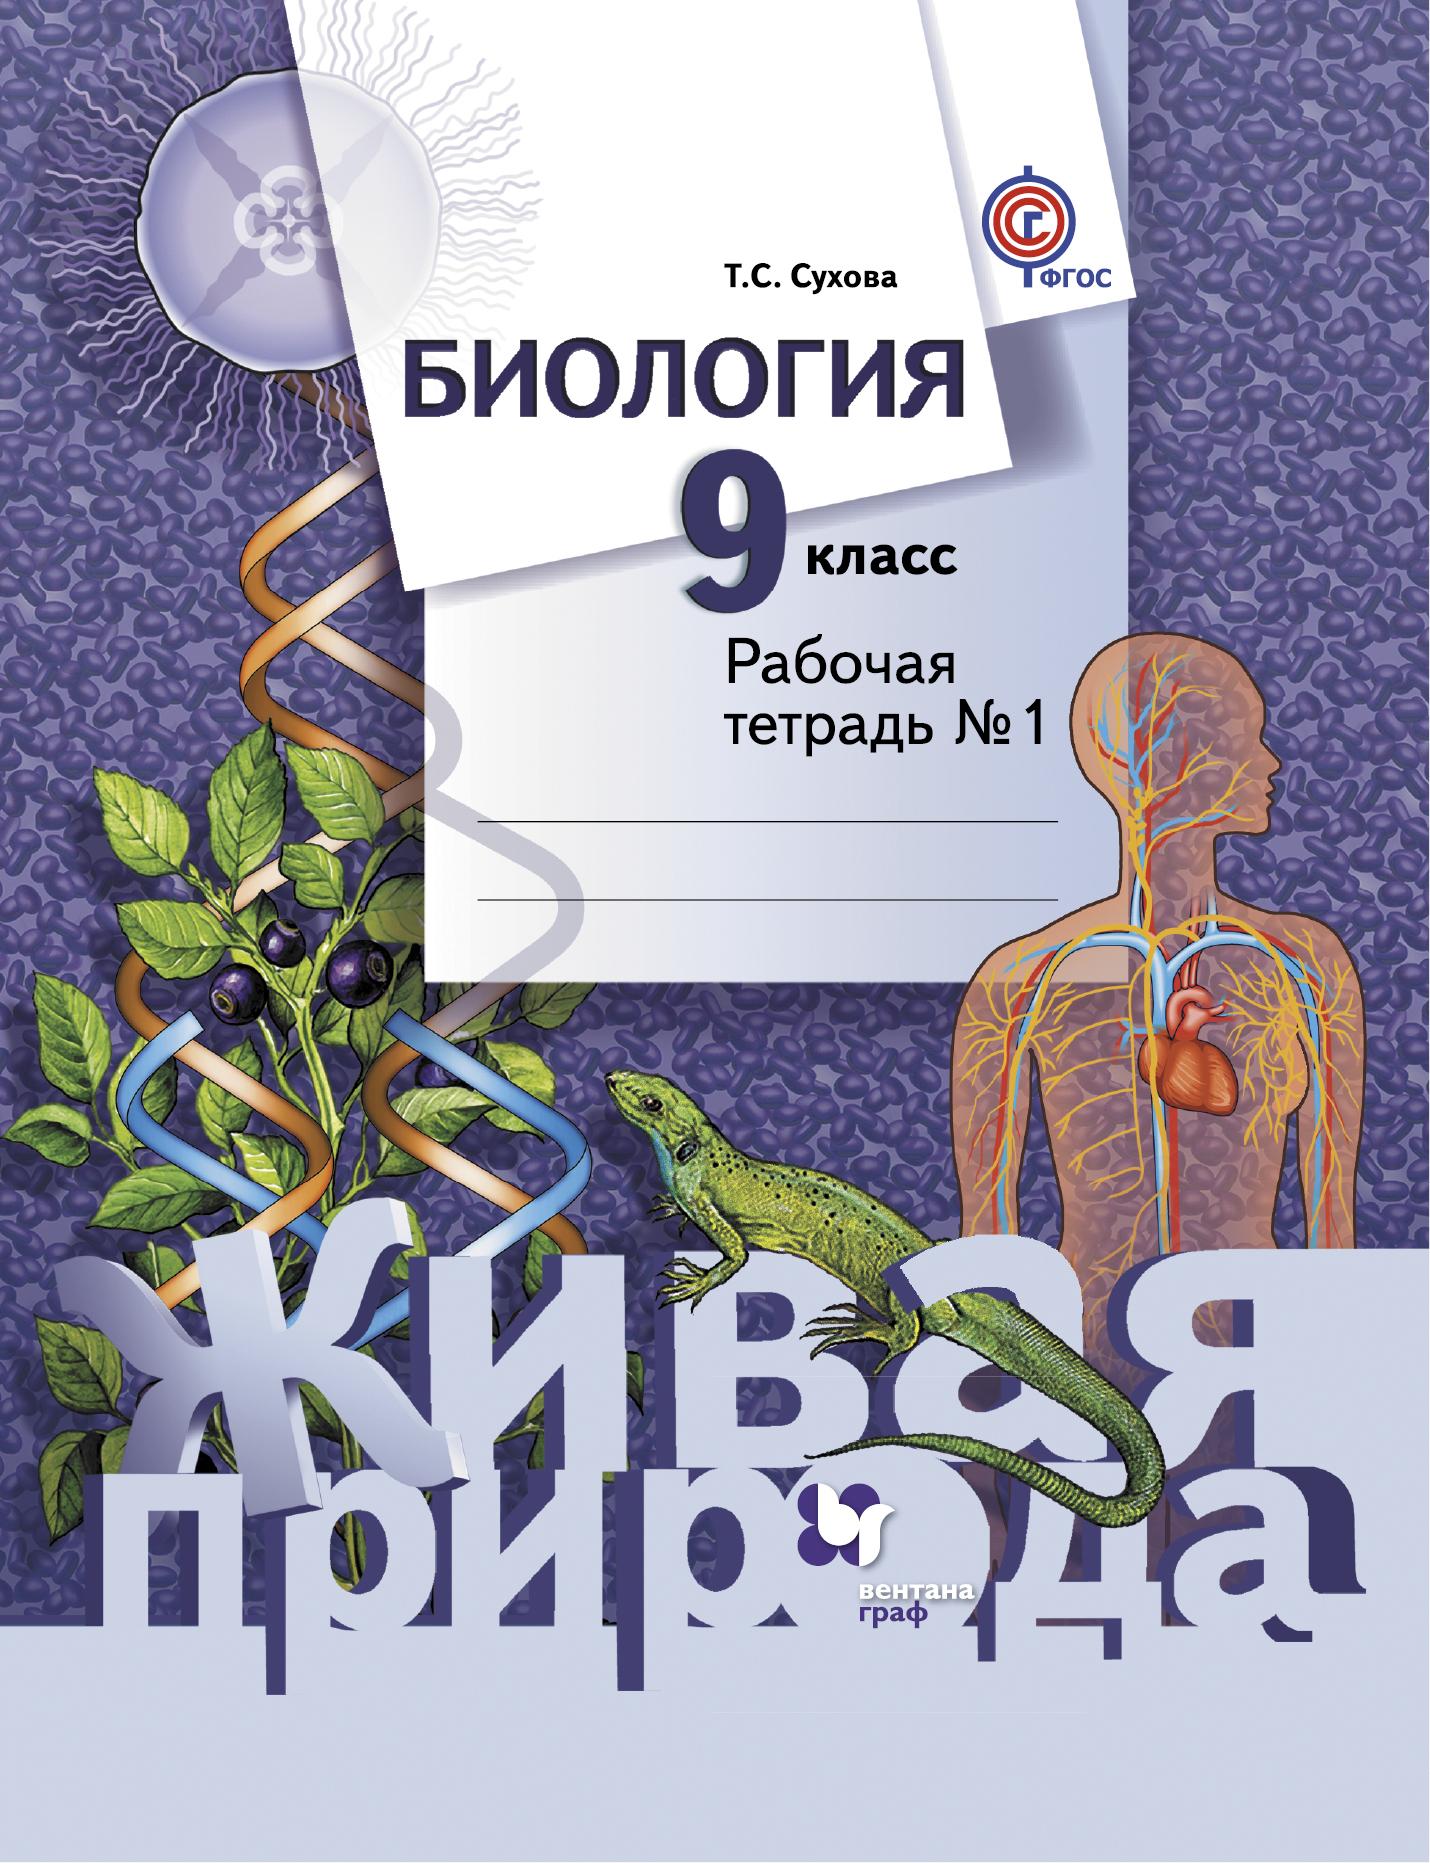 Биология, 9 класс Рабочая тетрадь № 1